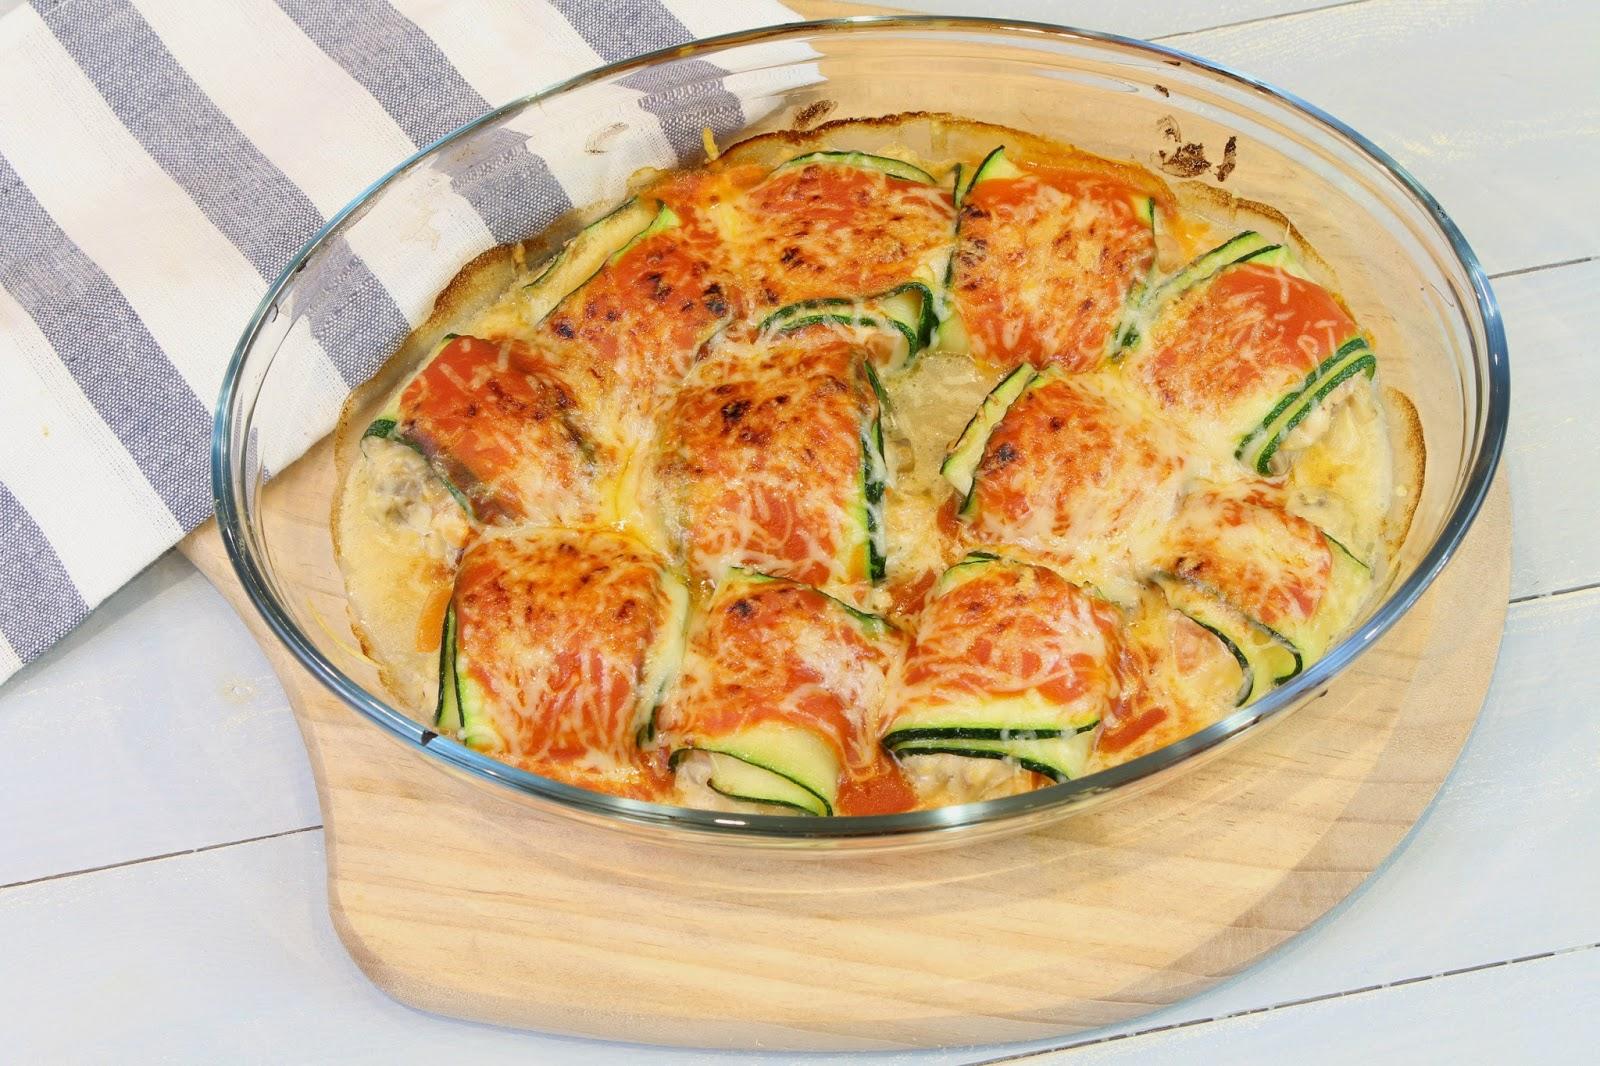 Receta de canelones de calabacín rellenos de queso de cabra, champiñones y tomate